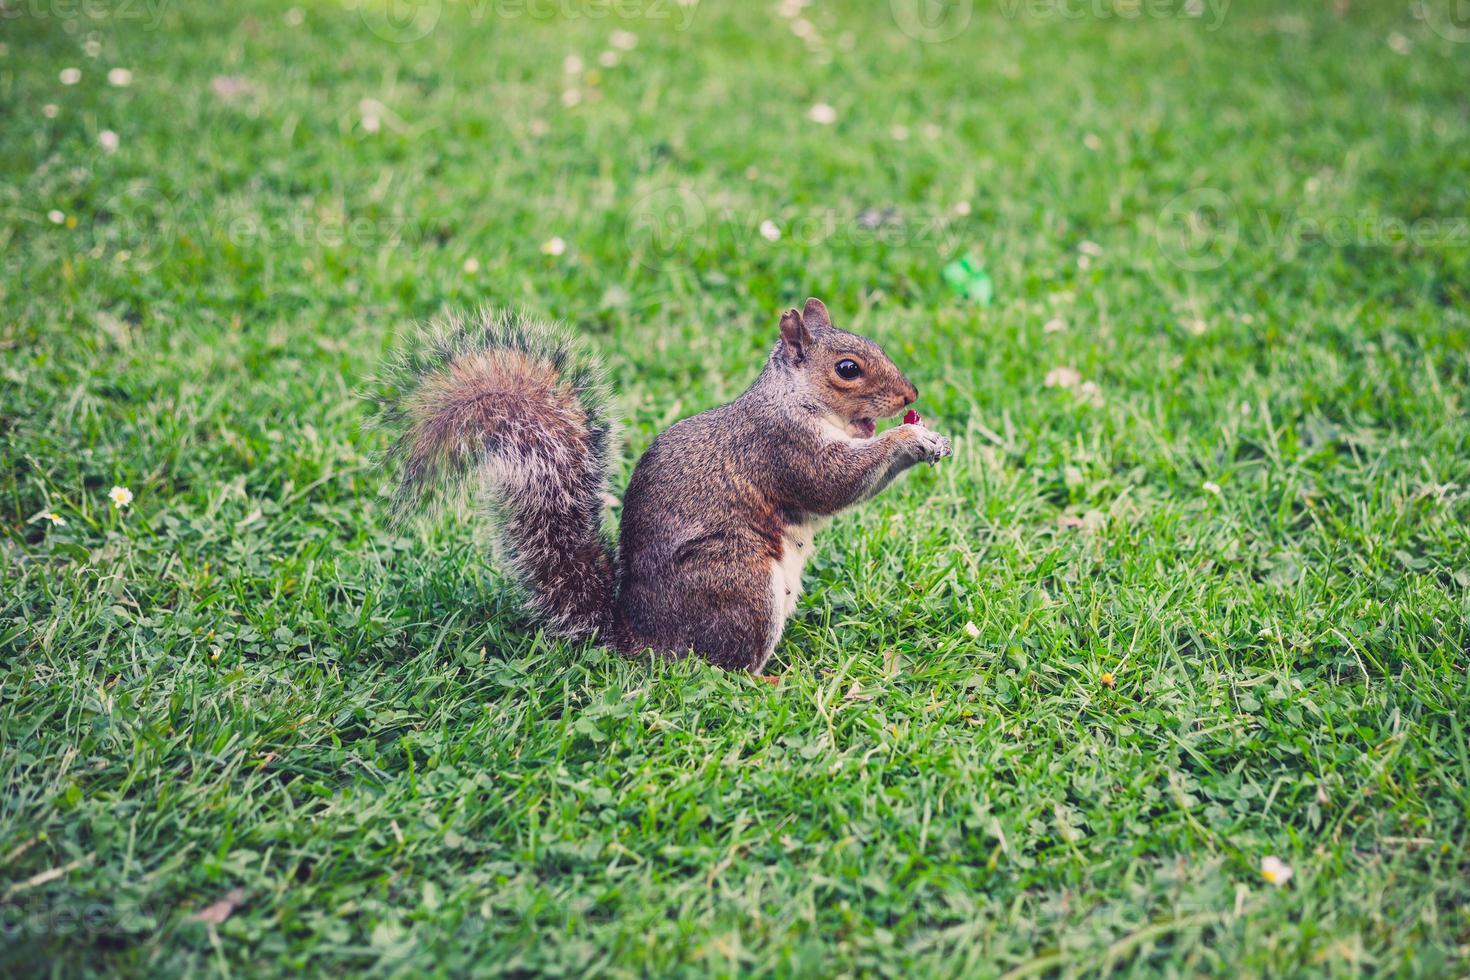 Eichhörnchen im Gras foto